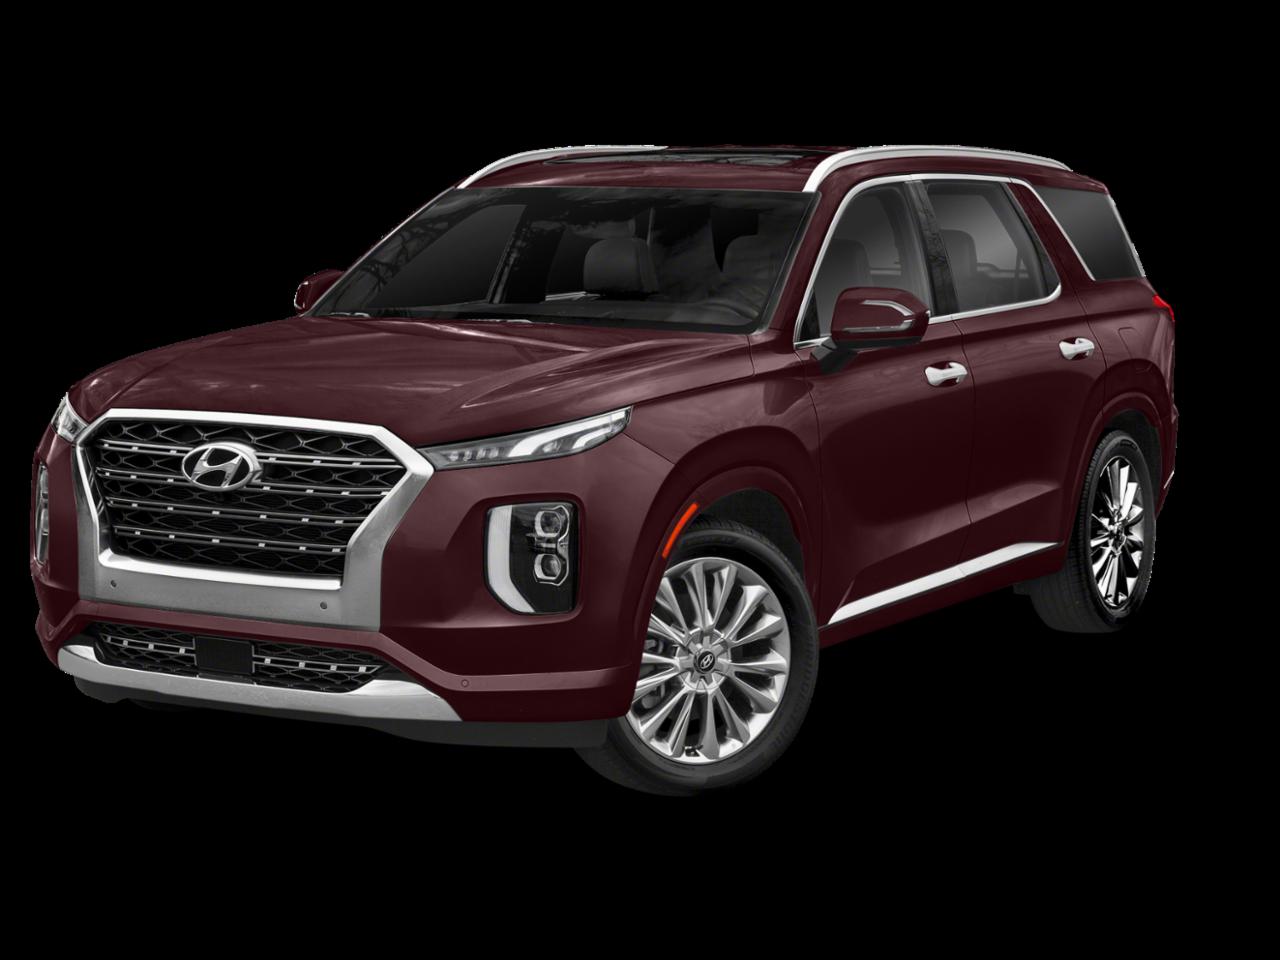 New 2020 Hyundai Palisade Limited